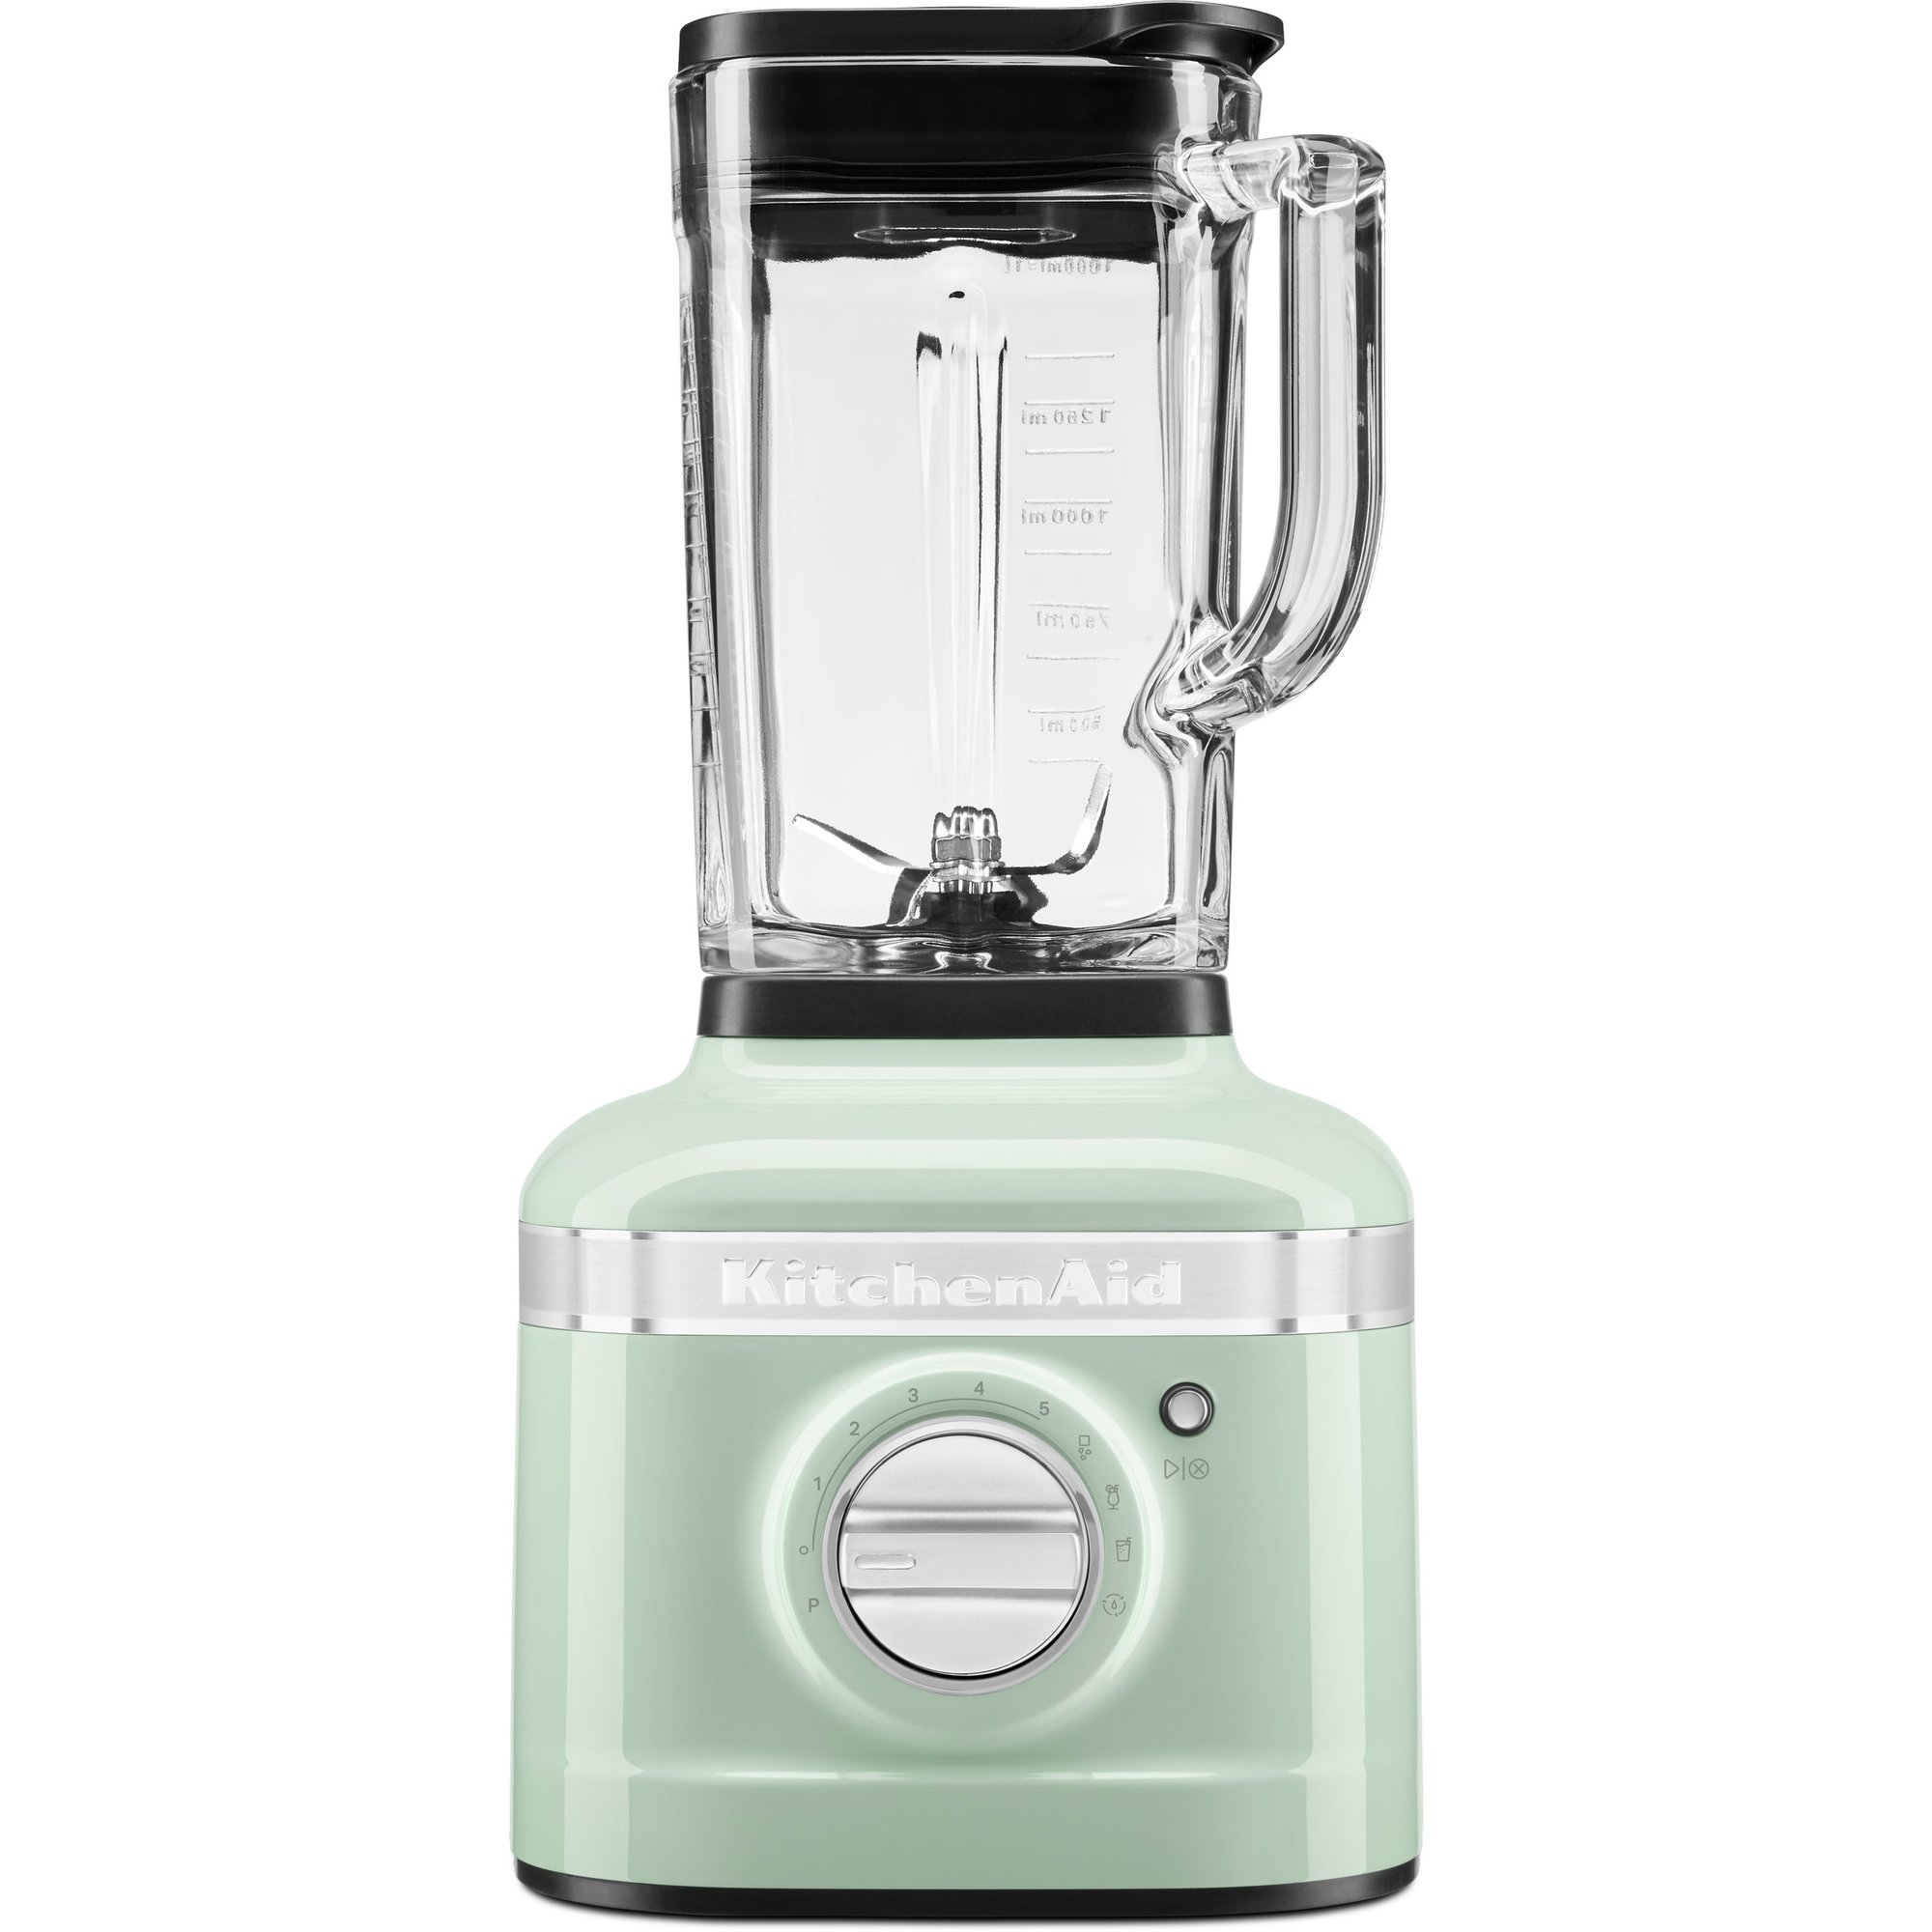 KitchenAid Artisan K400 Blender Pistasch